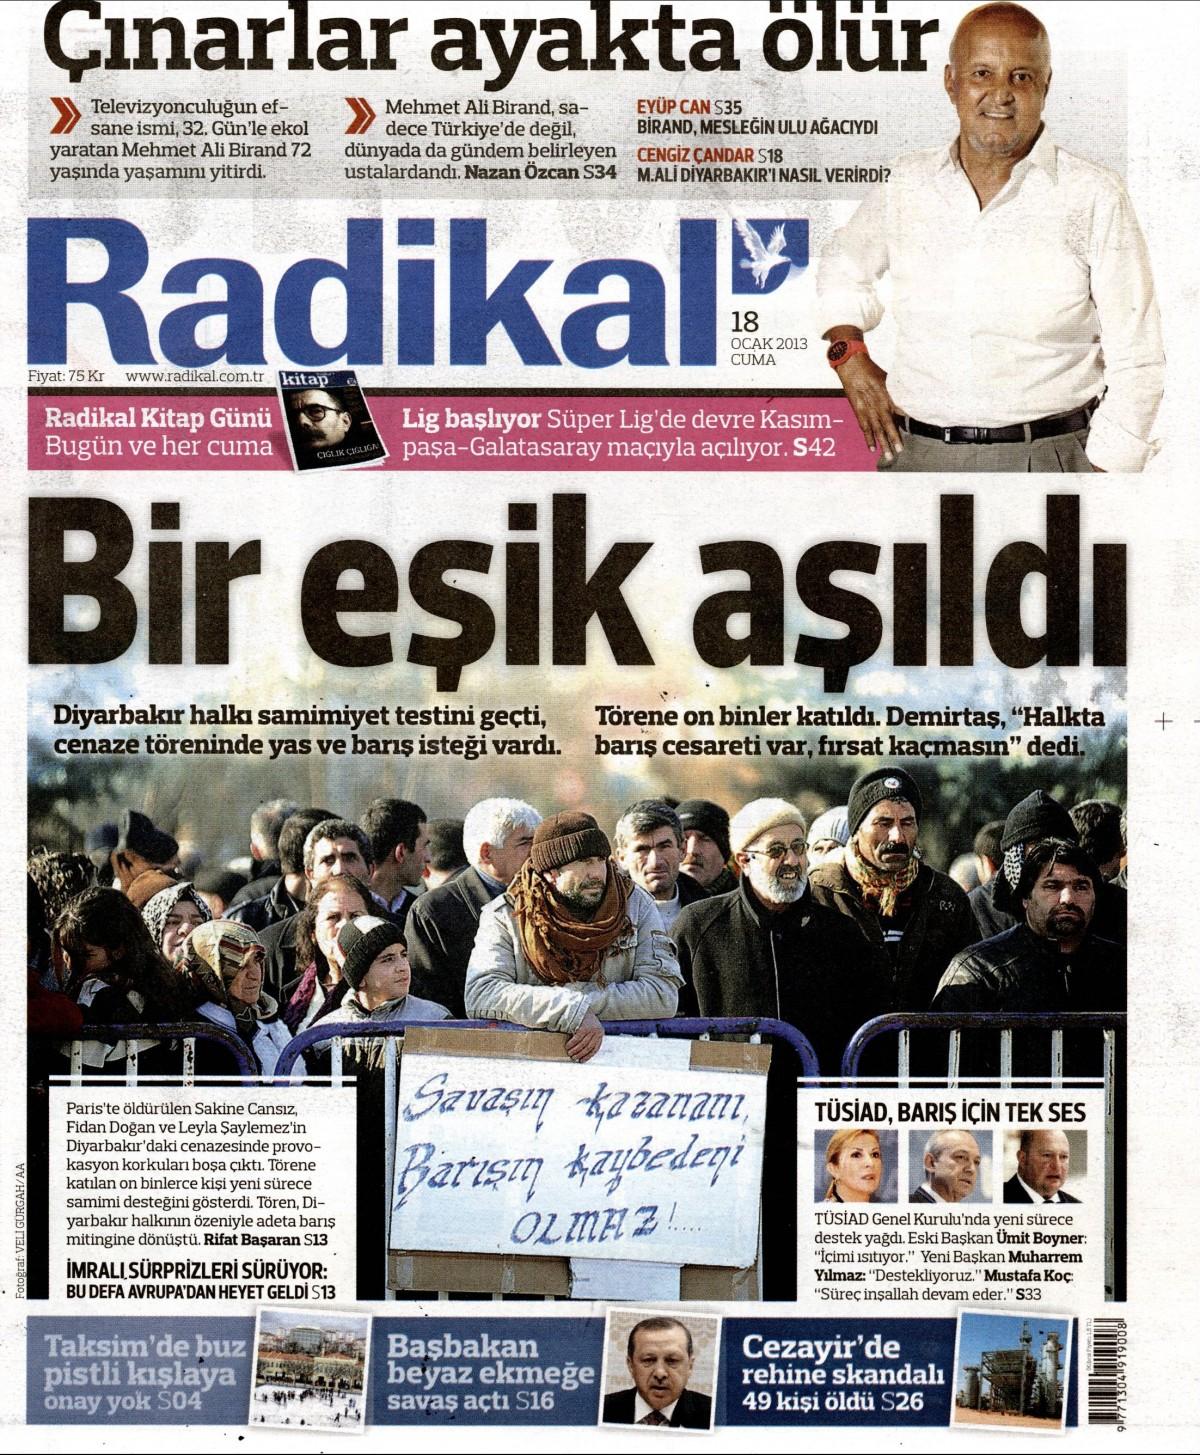 18 Ocak 2013 Tarihli Radikal Gazetesi Sayfa 1